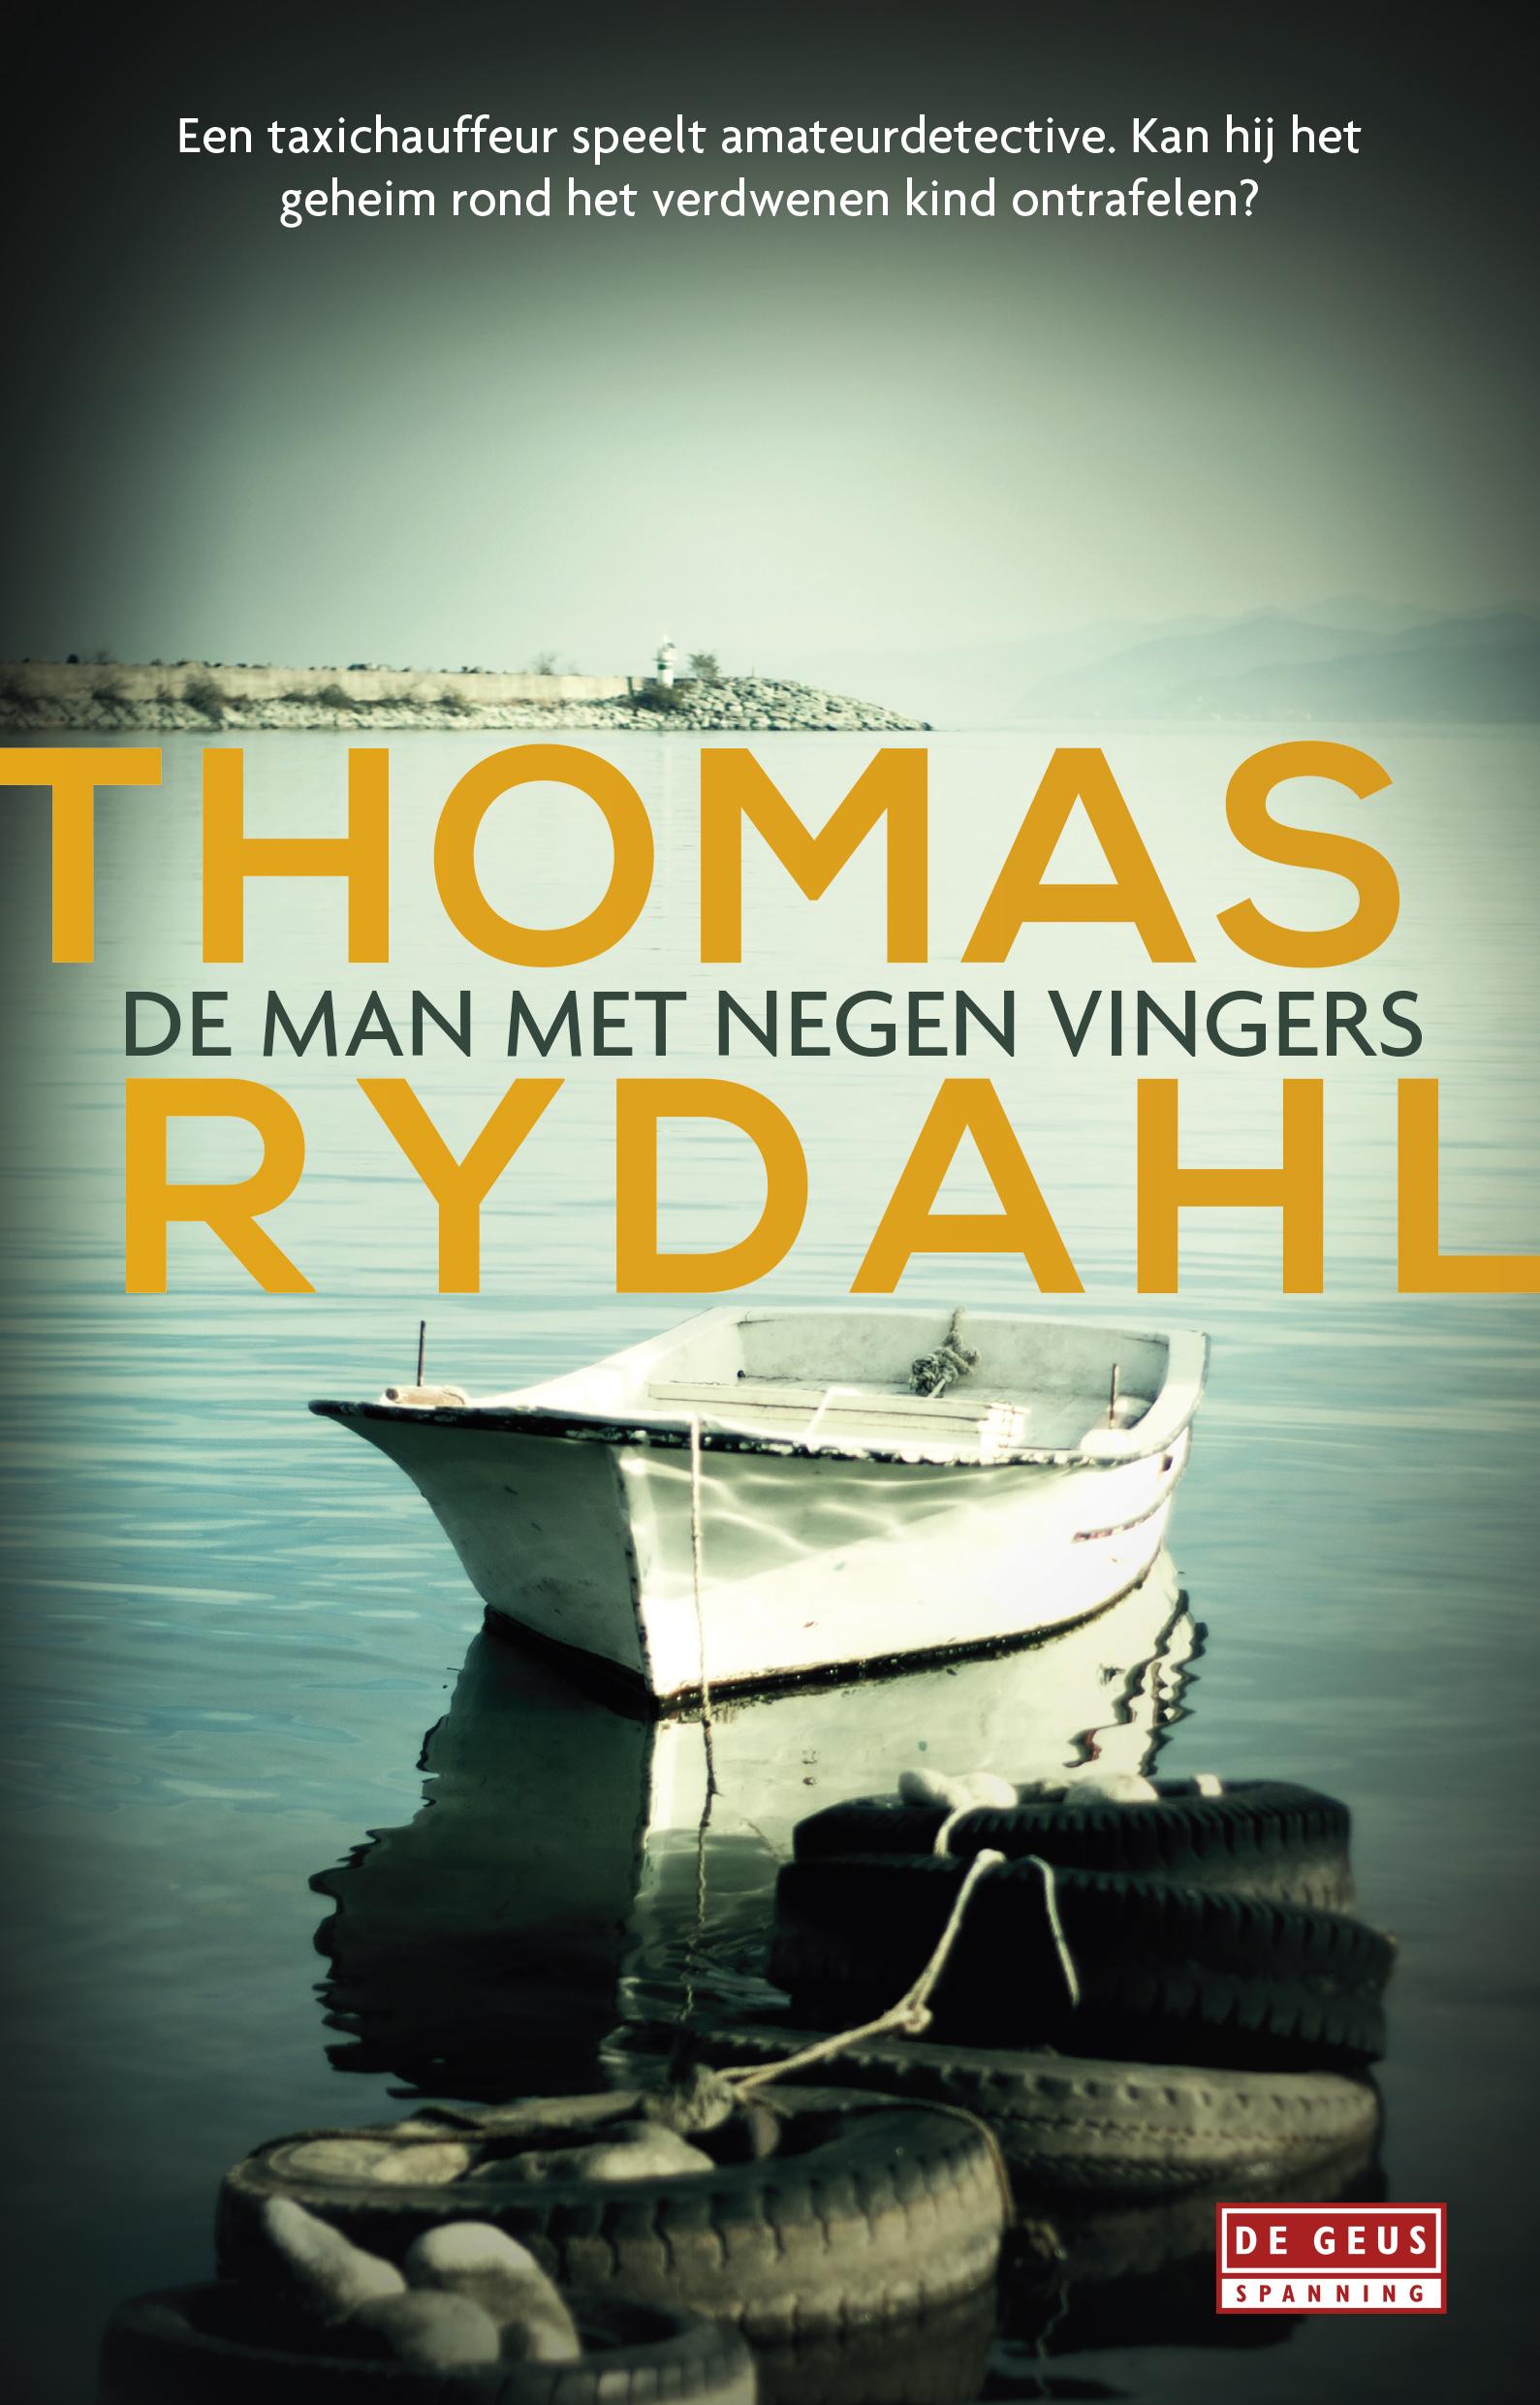 De man met negen vingers – Thomas Rydahl